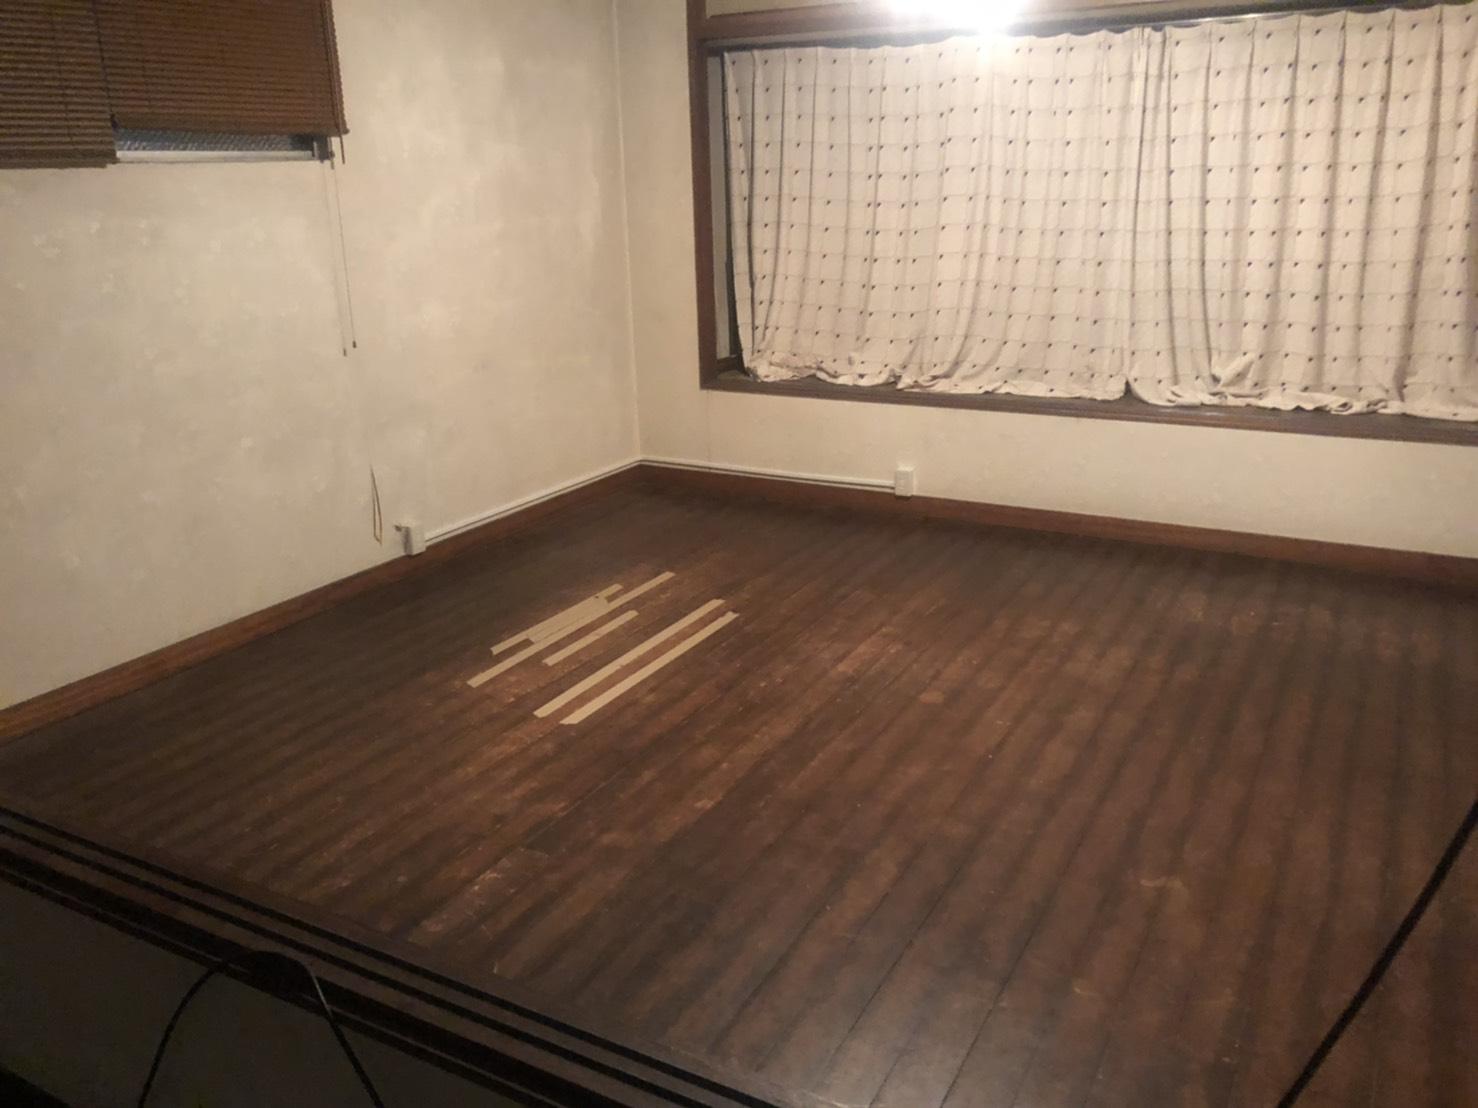 ソファー、テーブル、タンスの回収後